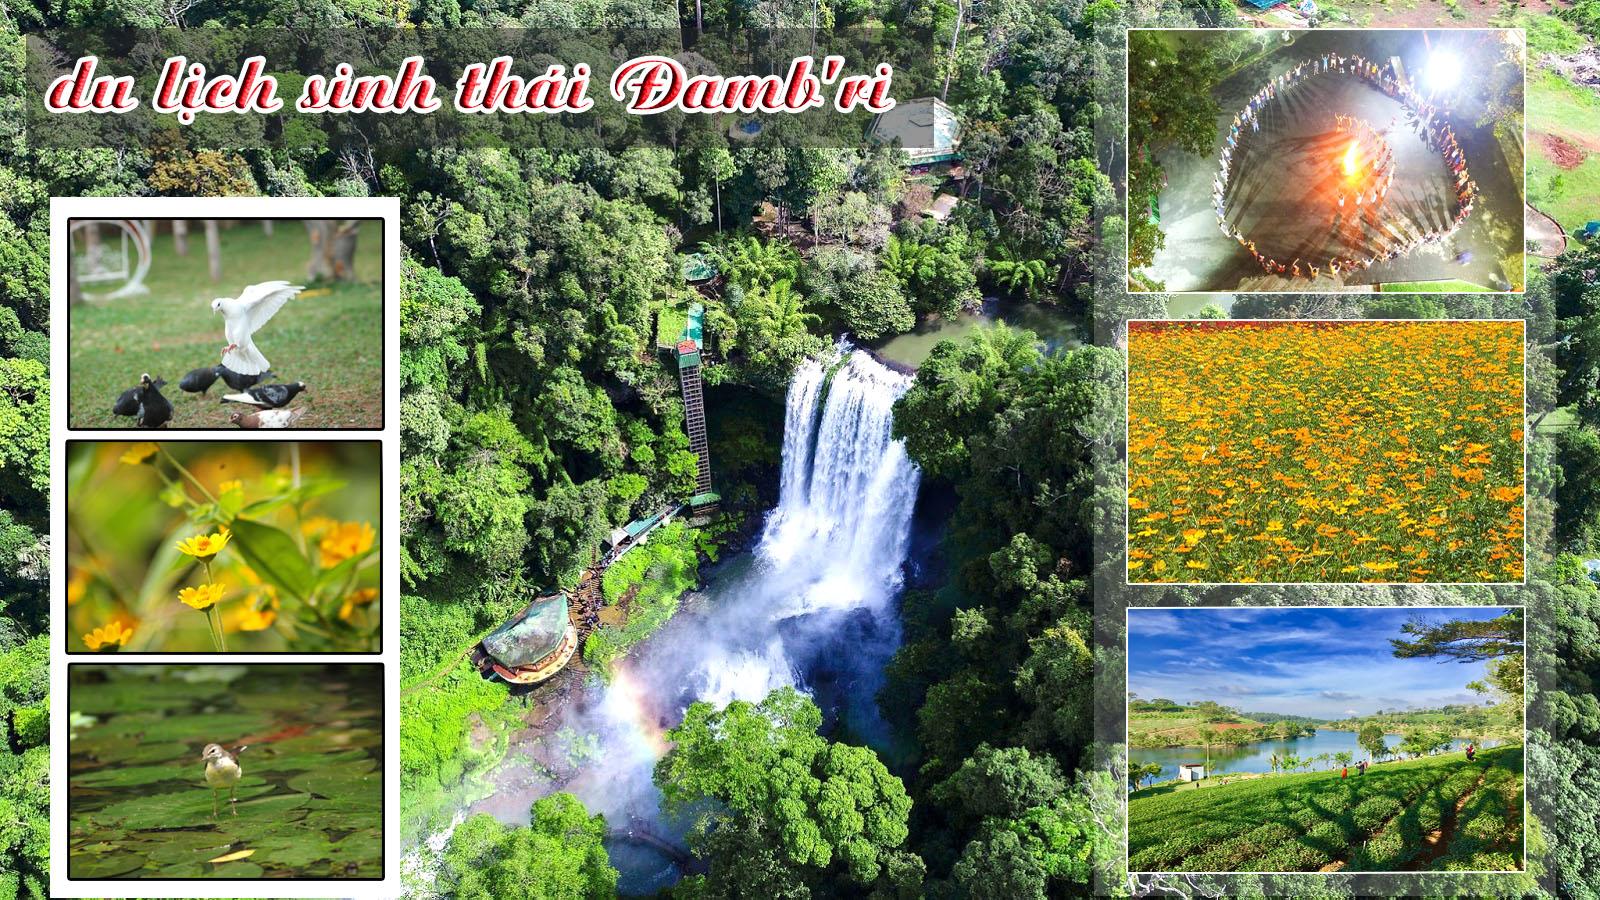 Du lịch sinh thái Đamb'ri